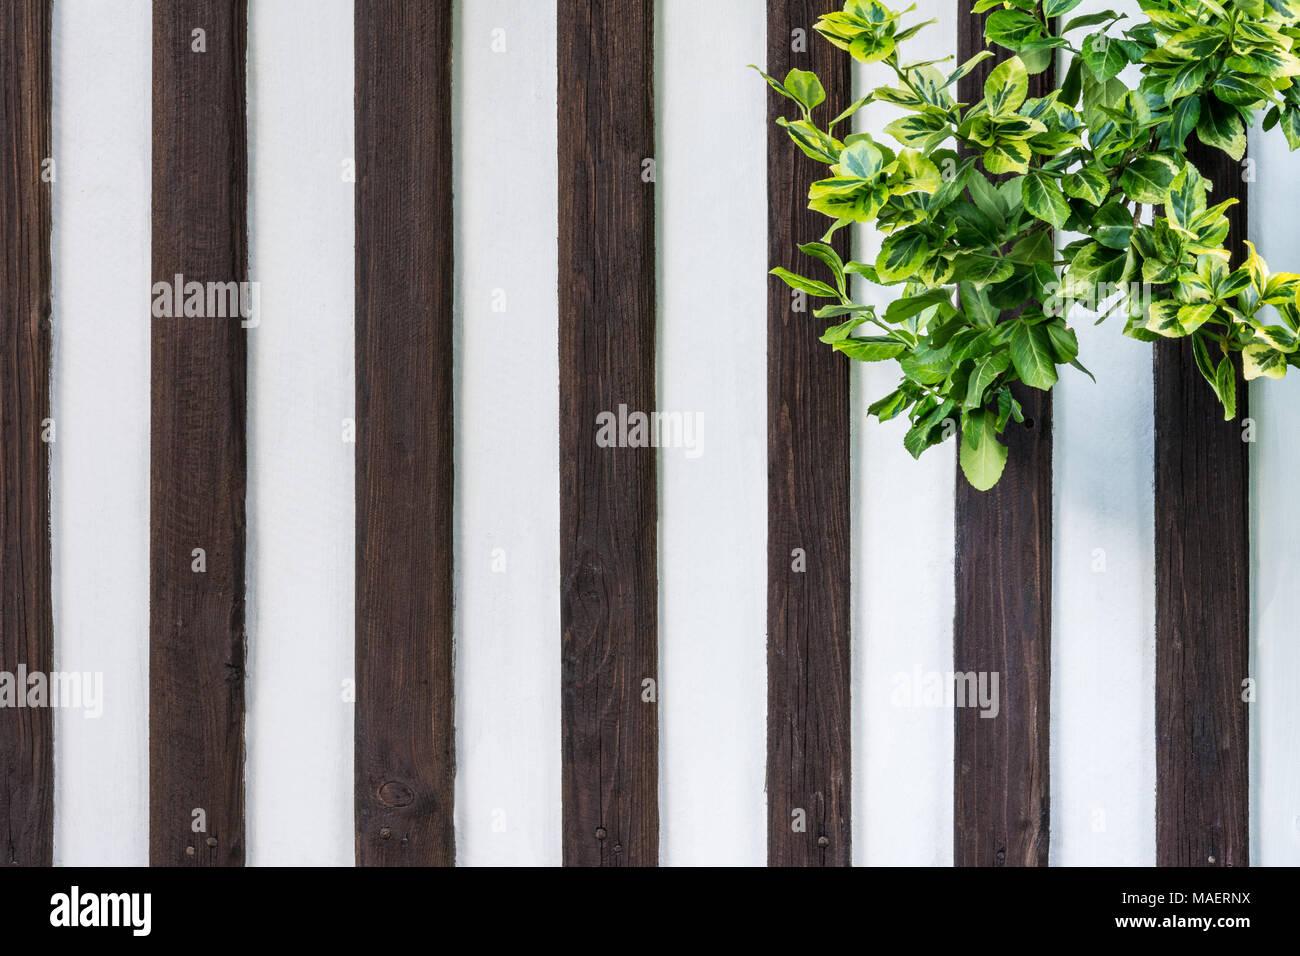 Pareti A Strisce Verticali : Pareti in legno con edera rampicante hedera recinzione di bianco